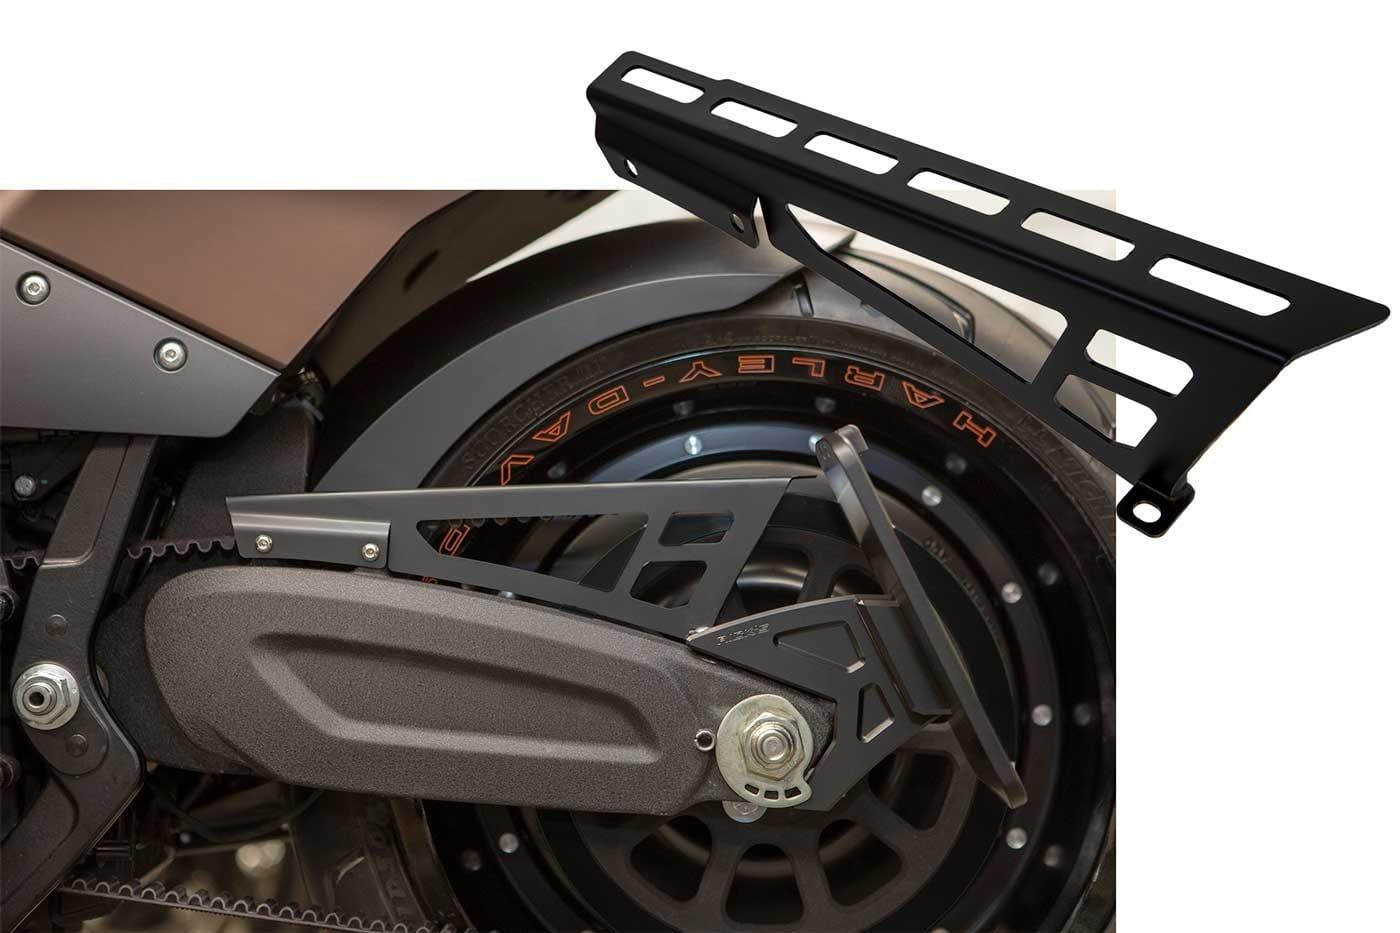 Beltschutz Harley-Davidson FXDR 114